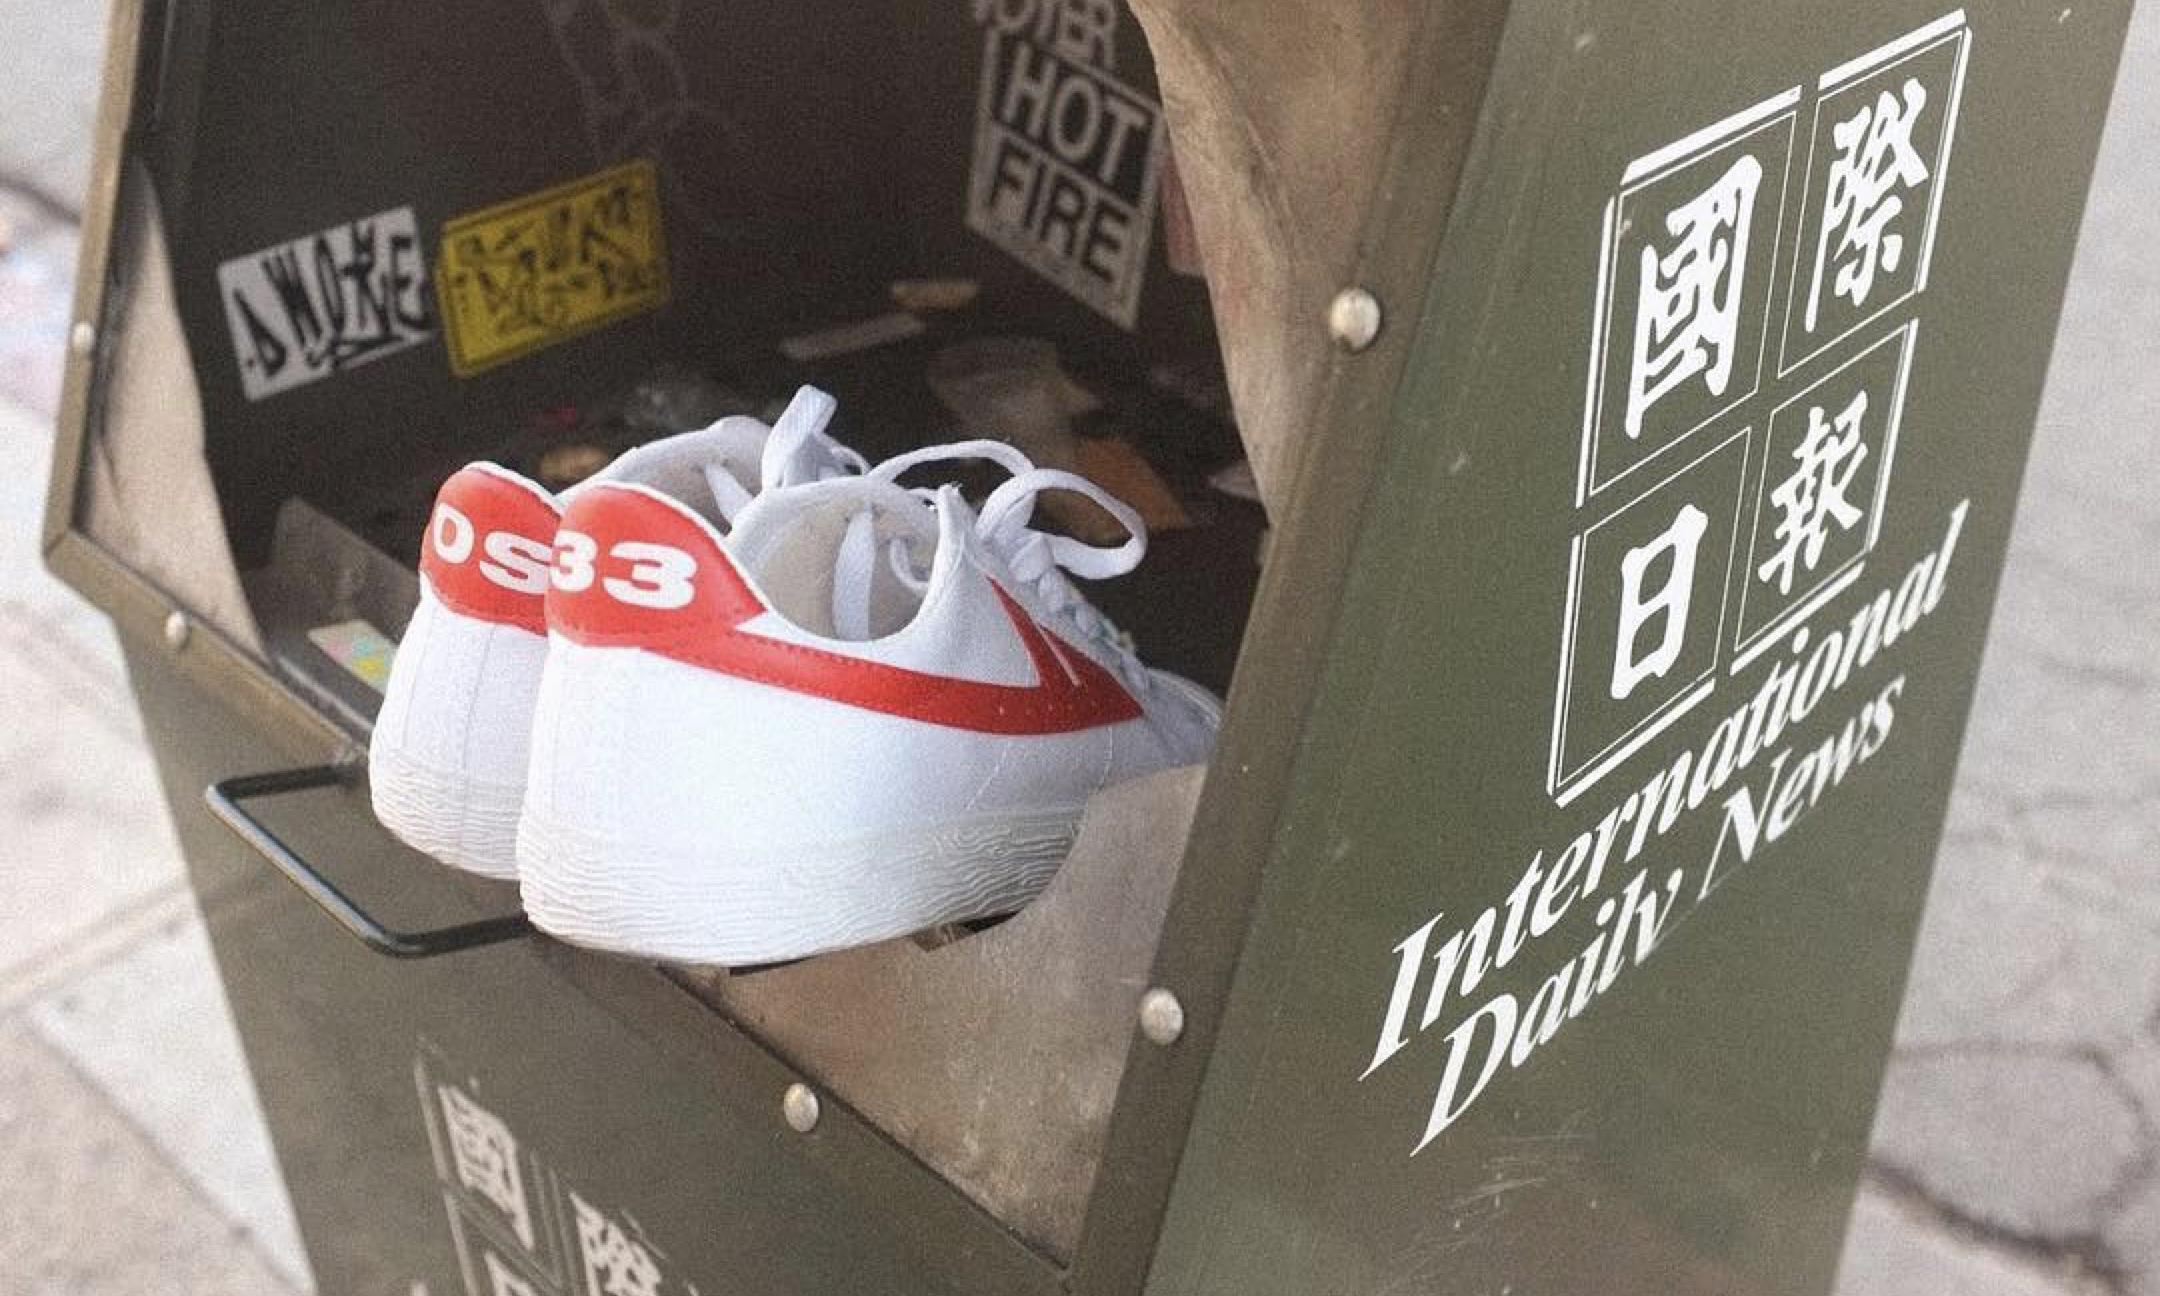 70 欧一双的回力鞋,是想卖给谁?